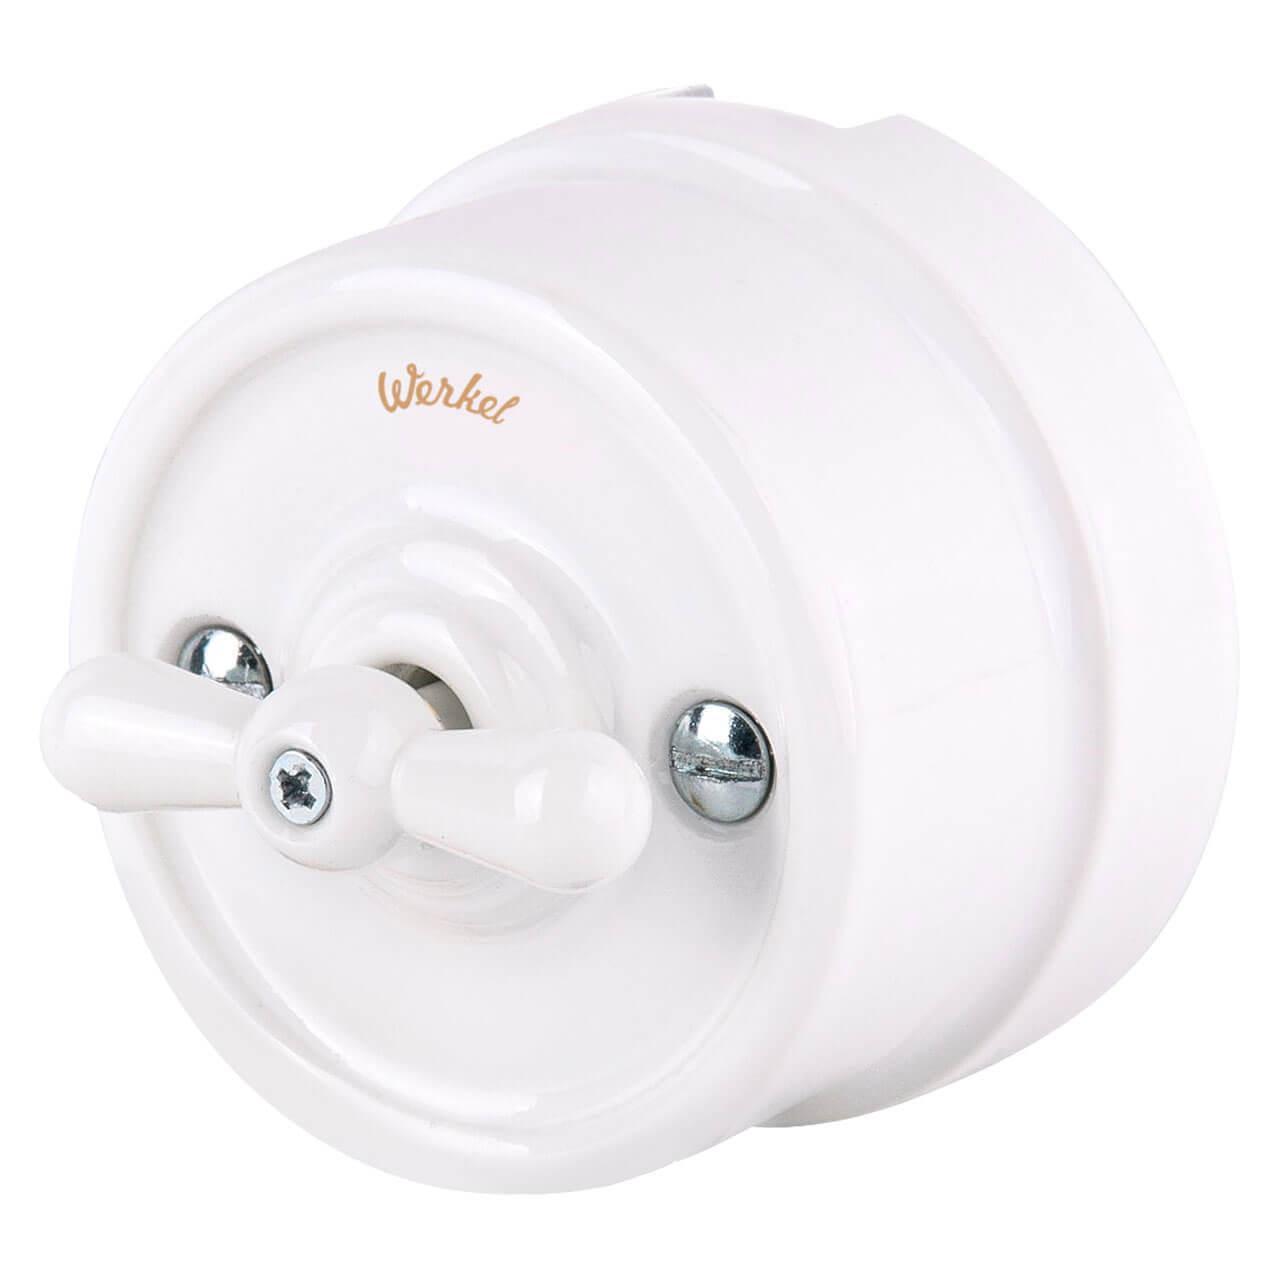 Выключатель Werkel на 4 положения двухклавишный Retro белый WL18-01-05 4690389100581